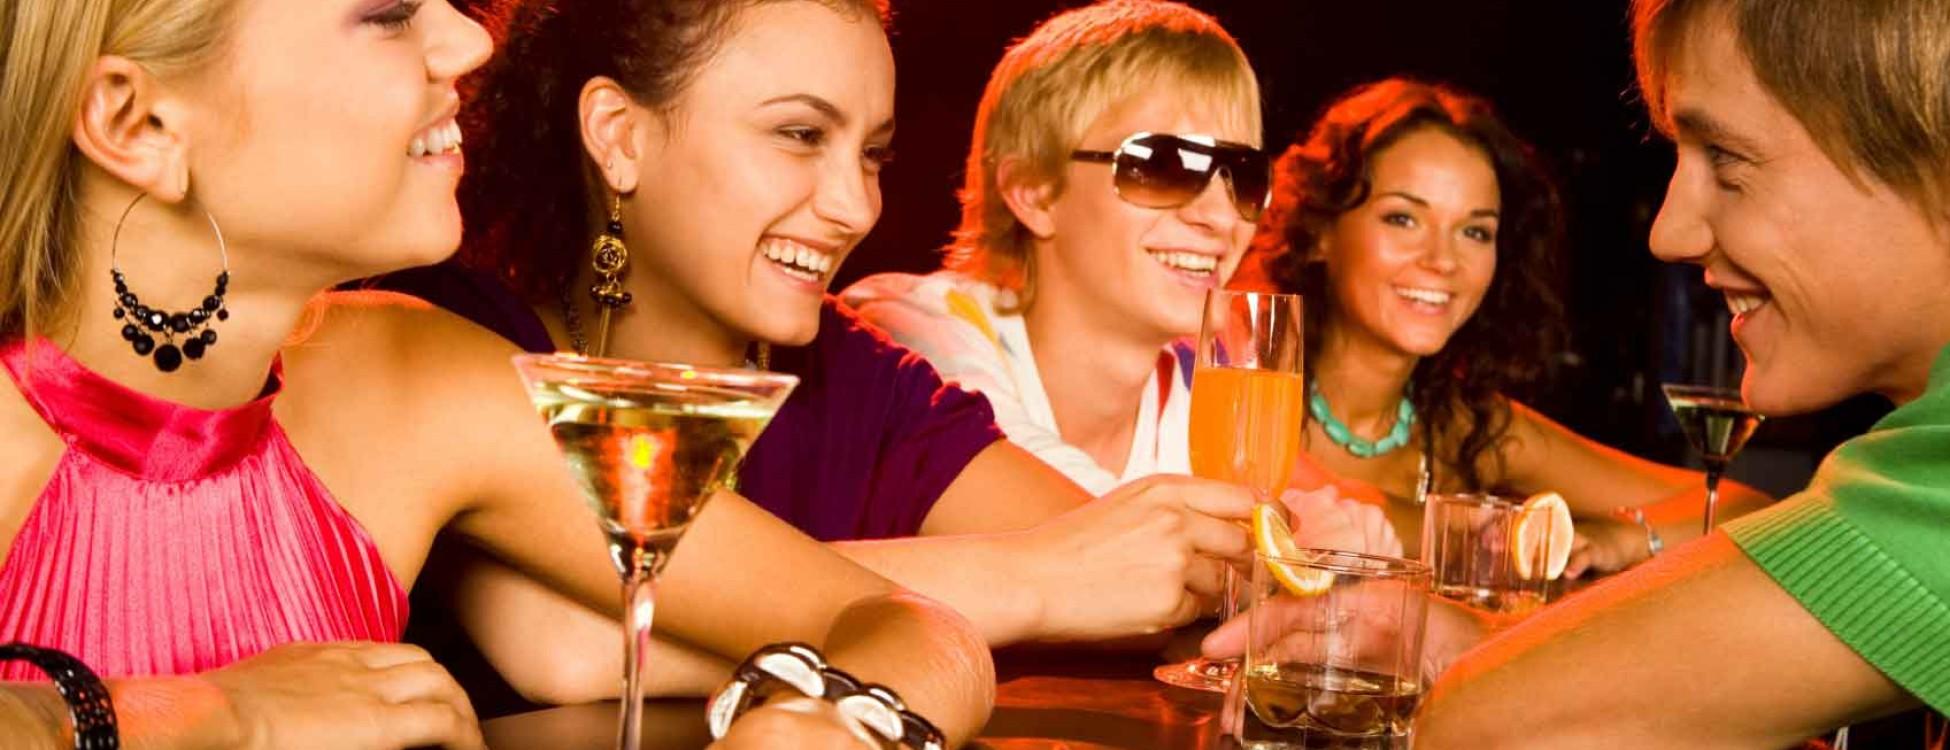 Miami Clubs